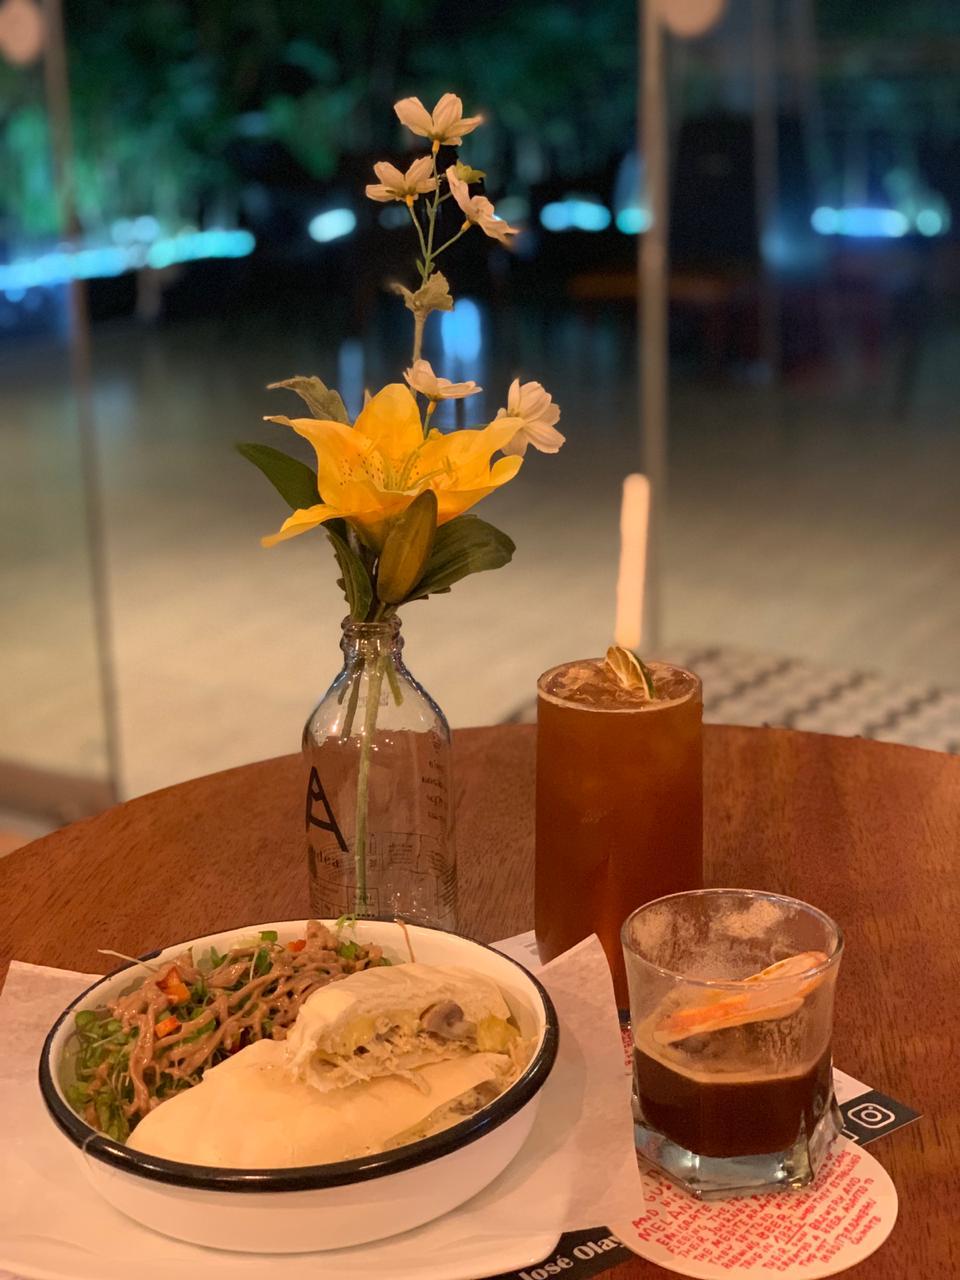 Sánguche de pollo y champiñones, Chilcano de café y Lolina. (Foto: Esther Vargas)